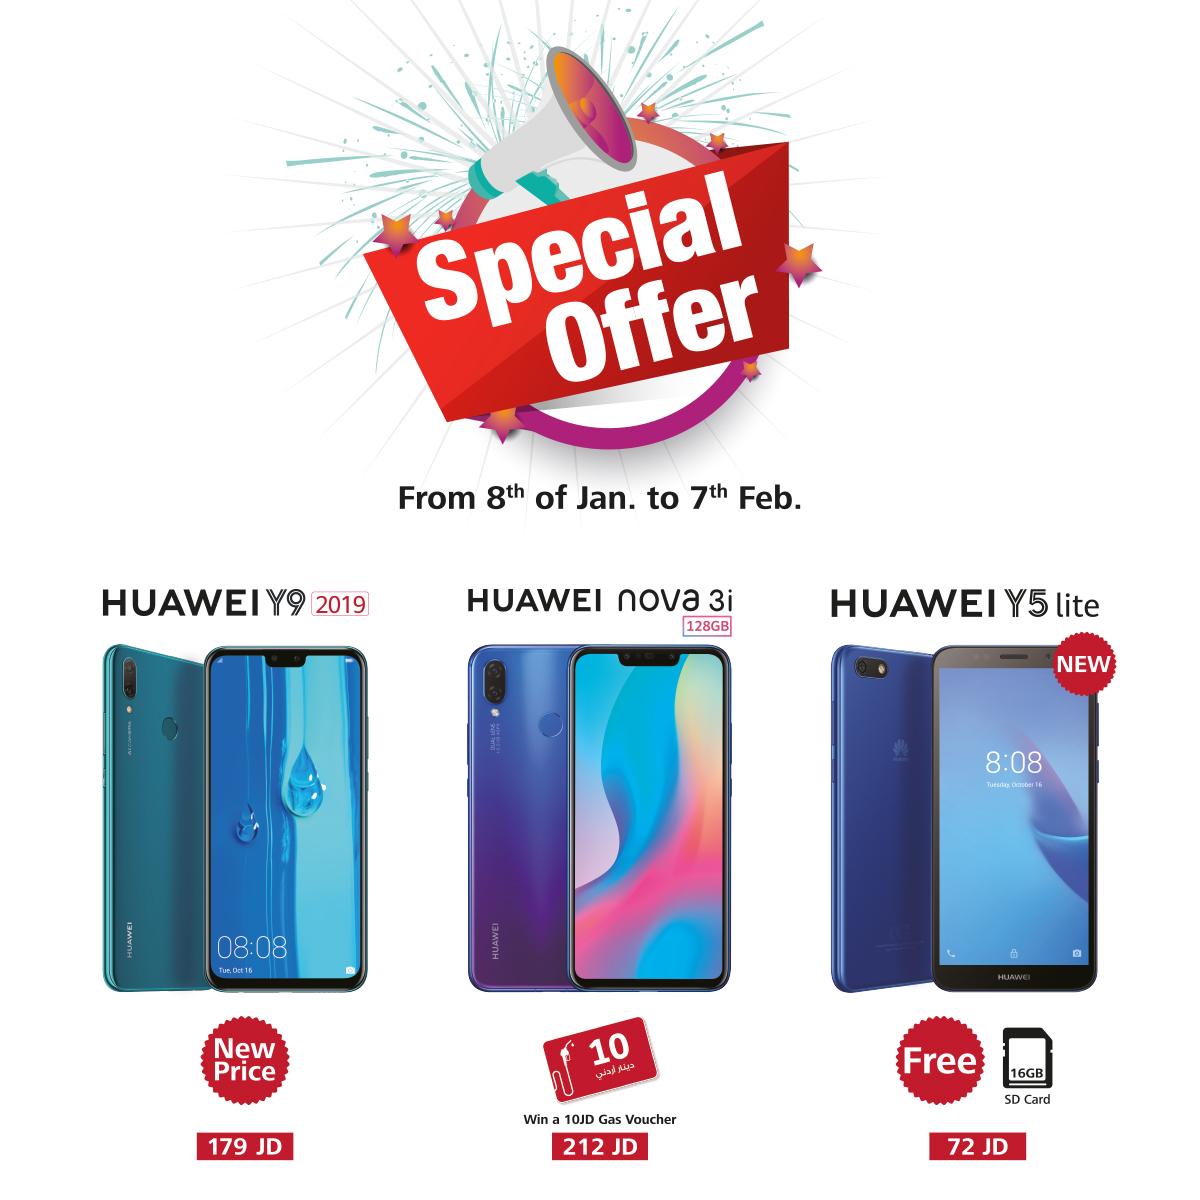 سنة جديدة وعروض مميزة من Huawei